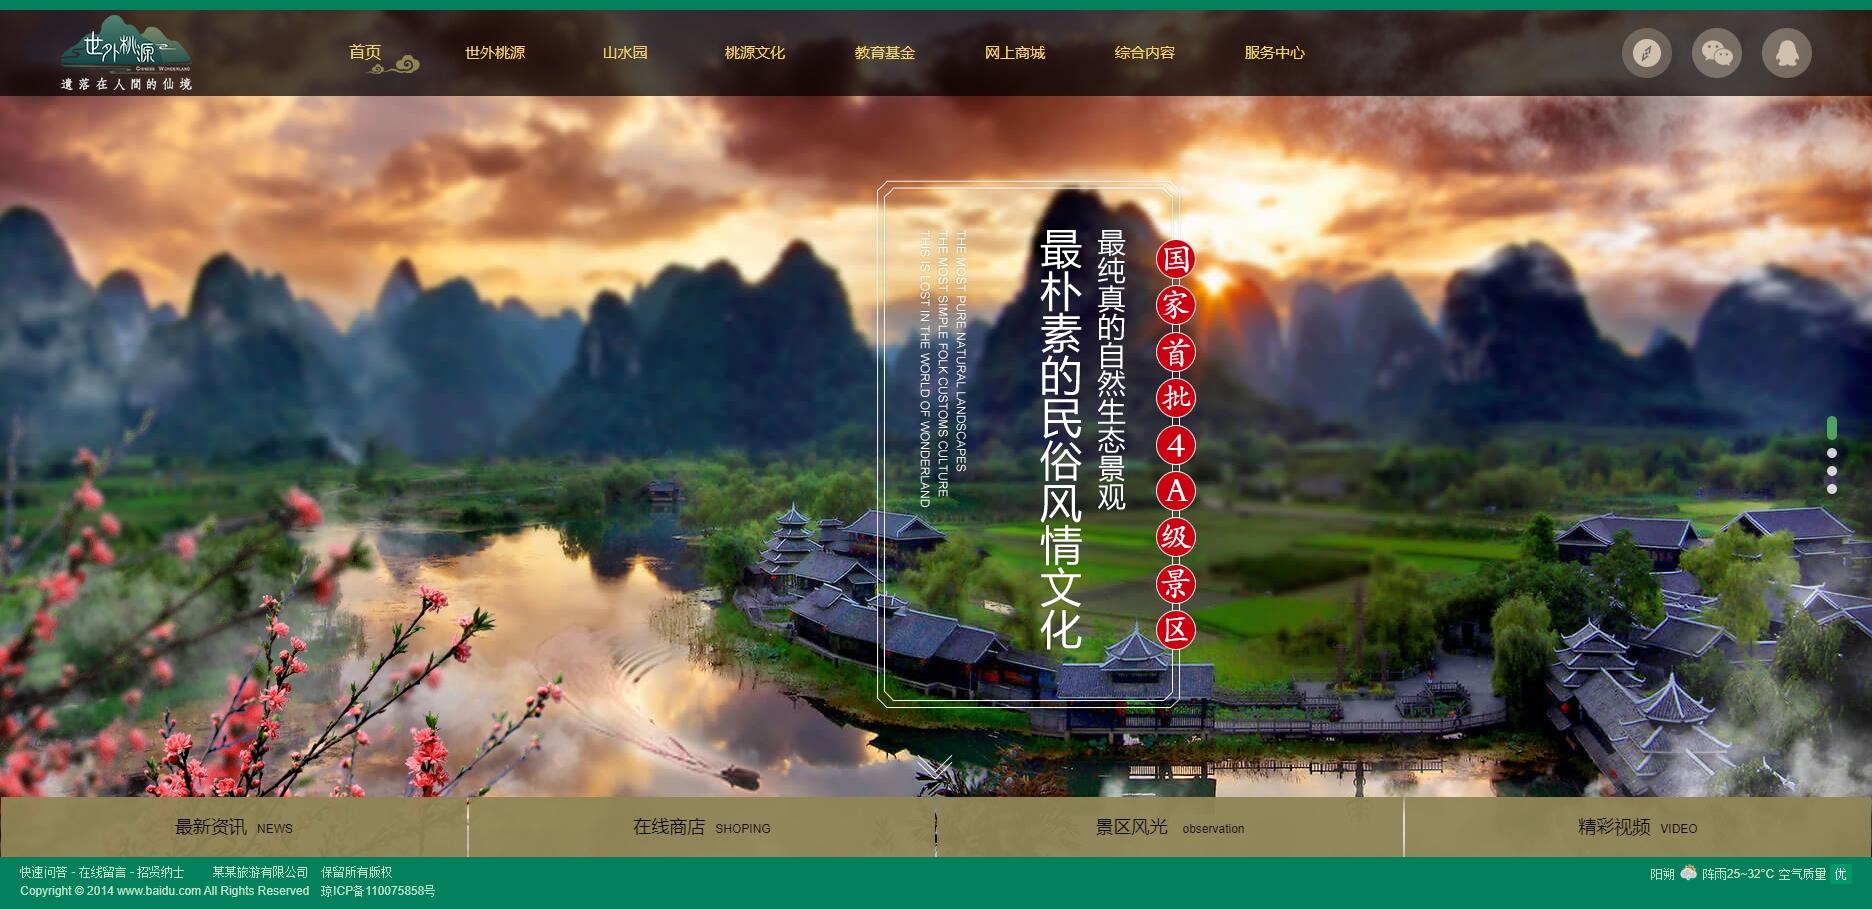 景区旅游旅行官方网站类织梦dedecms模板(带手机端)